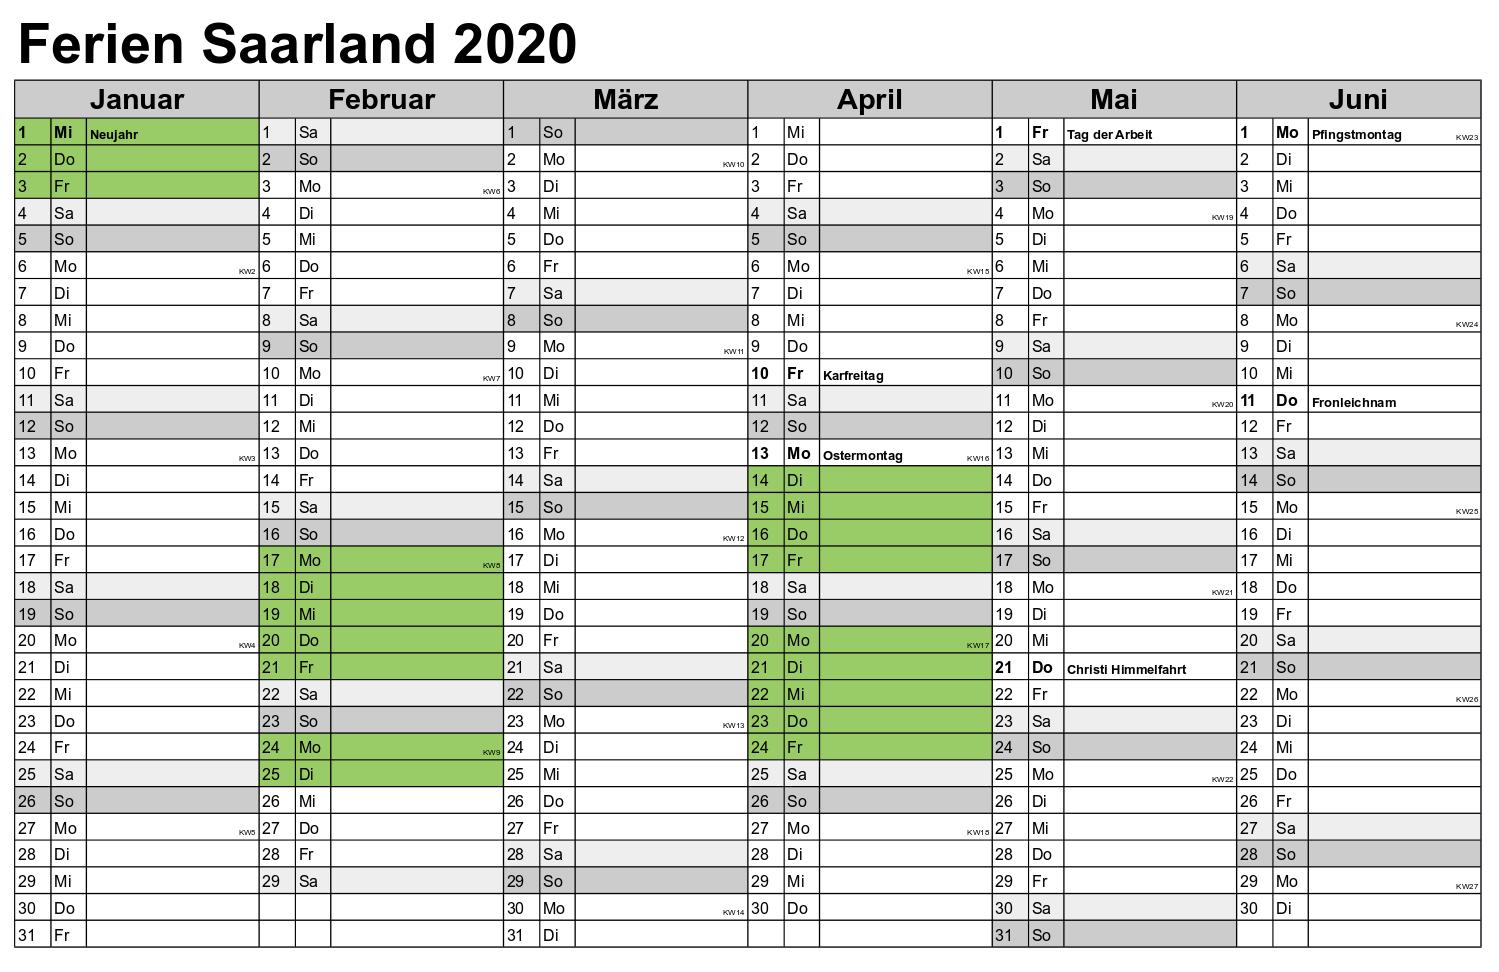 Wann Sind Die Sommerferien Saarland 2020?